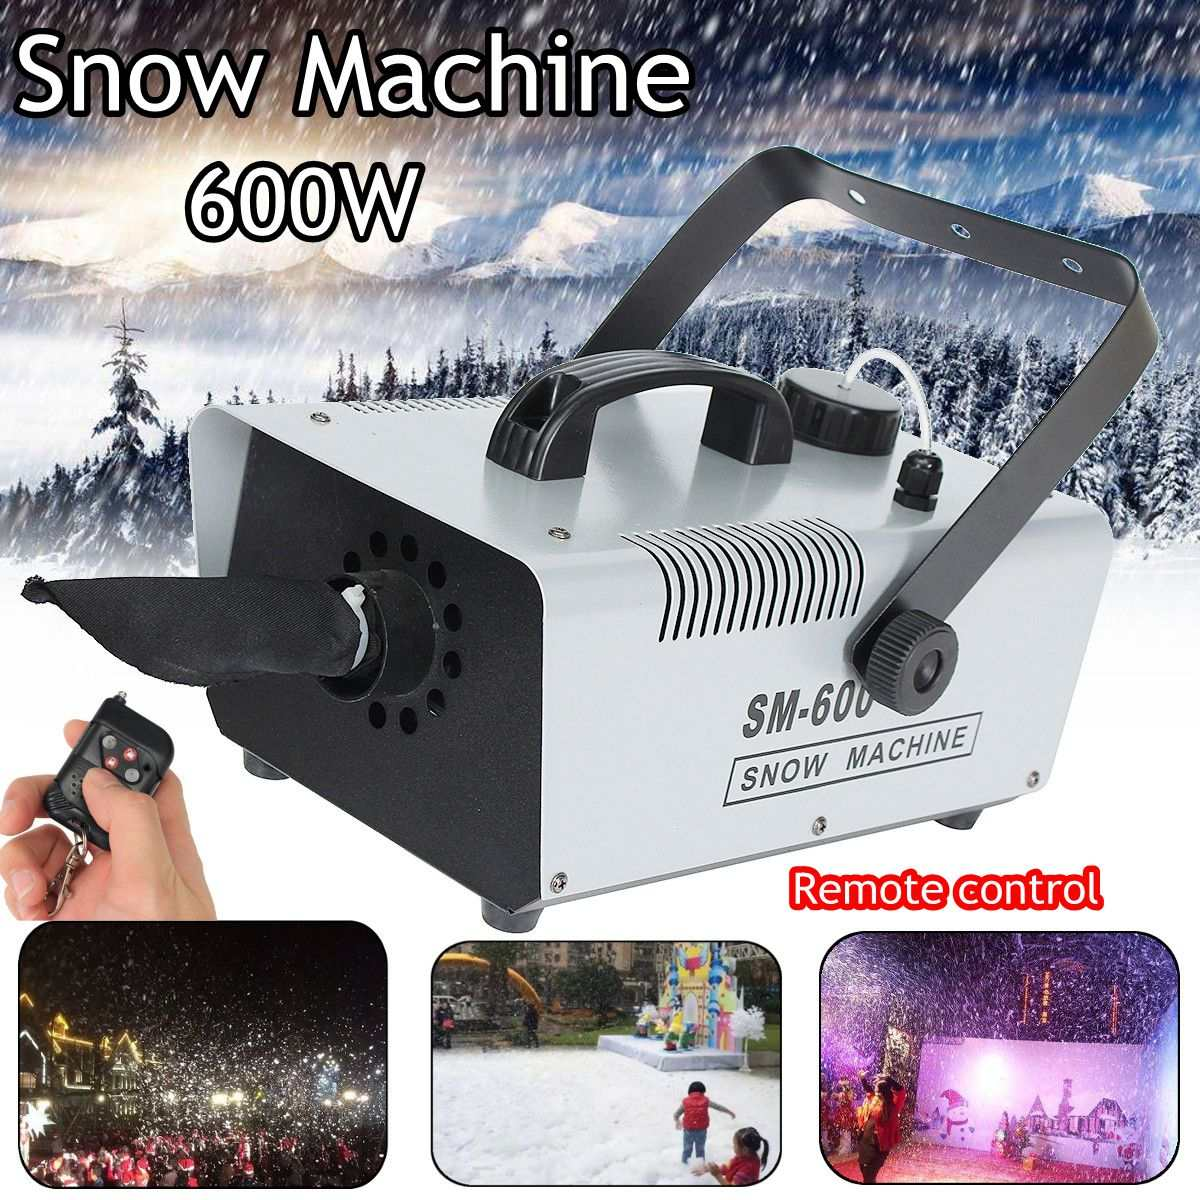 110V/220V Snow 600W Pack Snow Machine Effect with 1.5L Snow Fluid & Wireless Remote miike snow miike snow miike snow